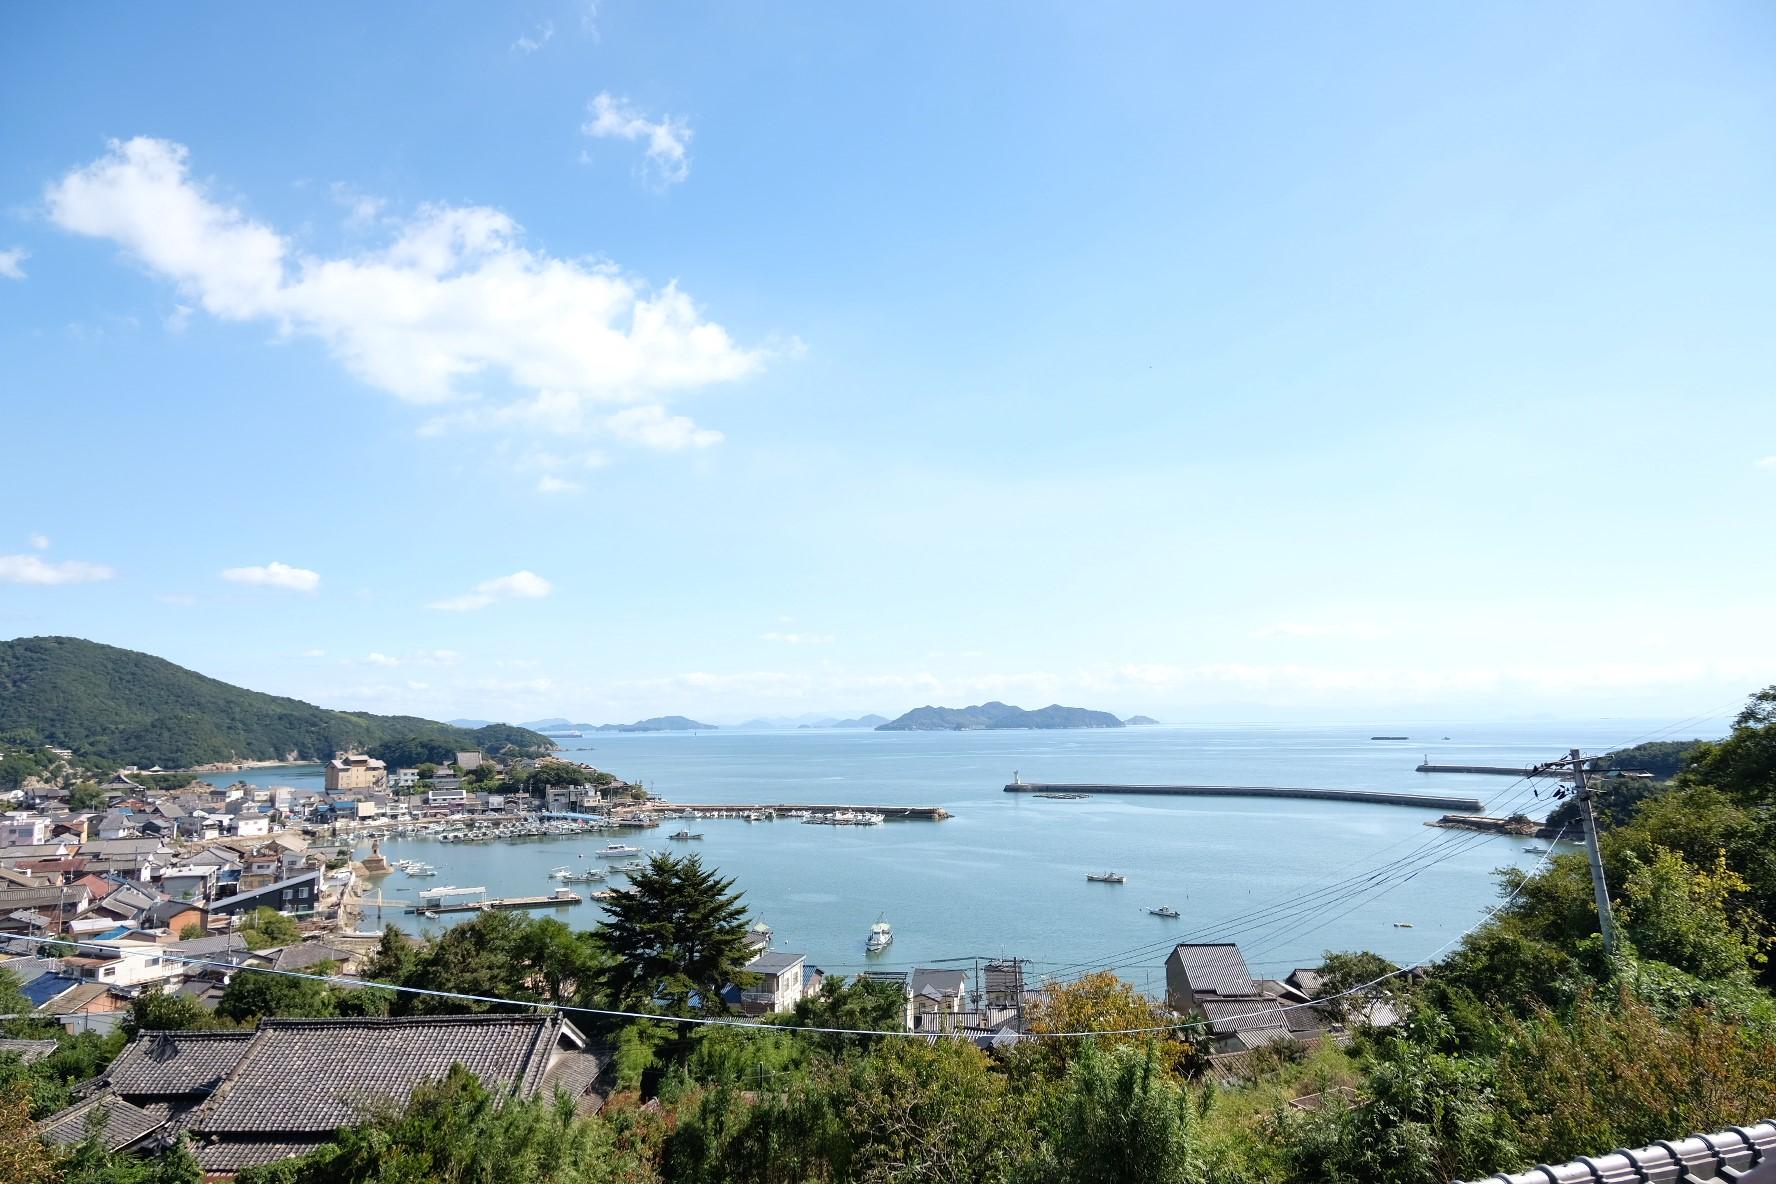 http://ud.t.u-tokyo.ac.jp/blog/_images/fig1.jpg